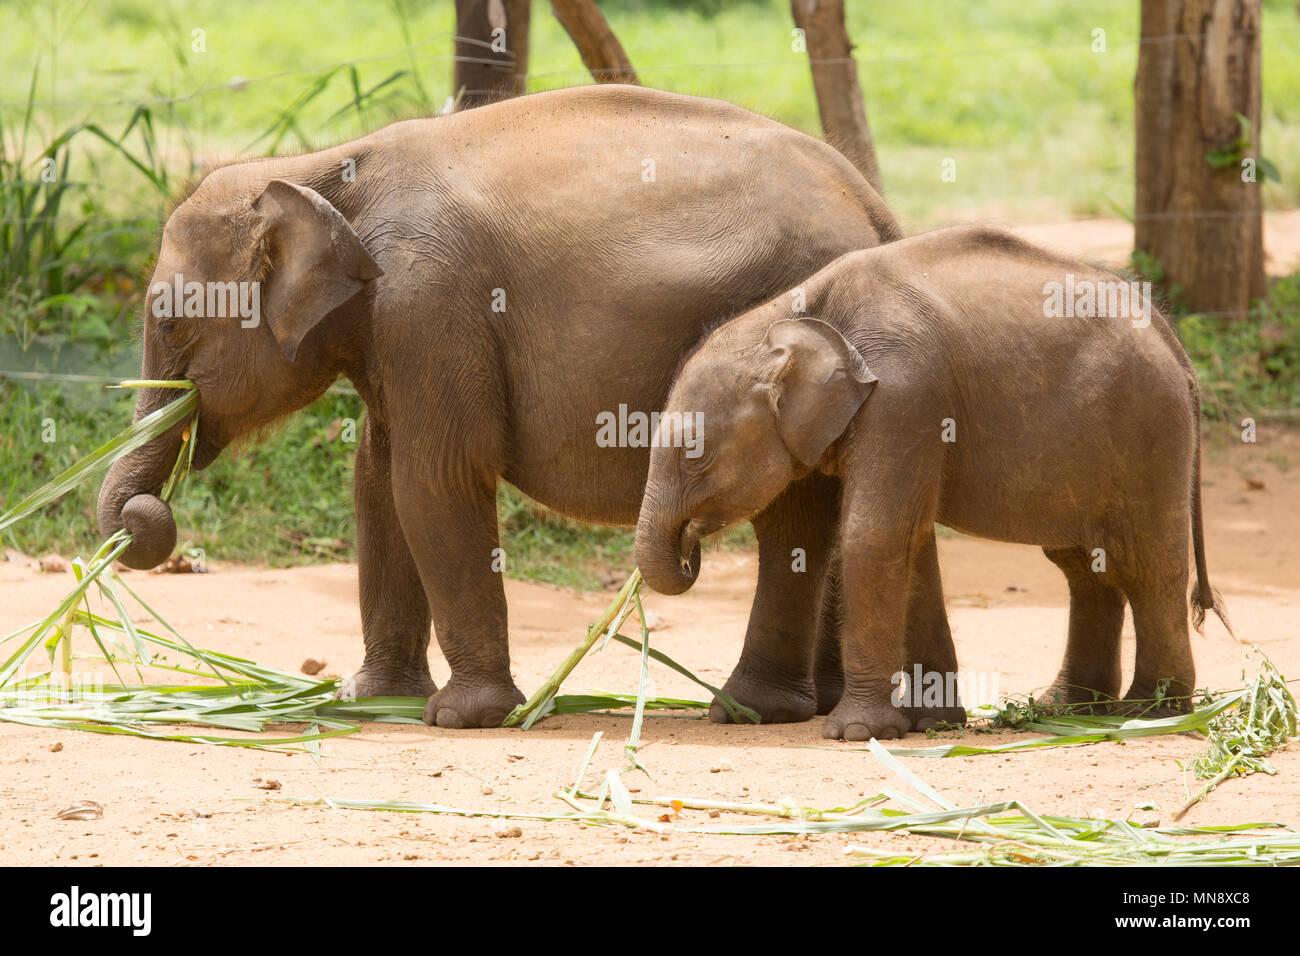 Elephants feeding at the Udwawalawe Elephant Transit Home at Uwawalawe National Park in Sri Lanka. - Stock Image